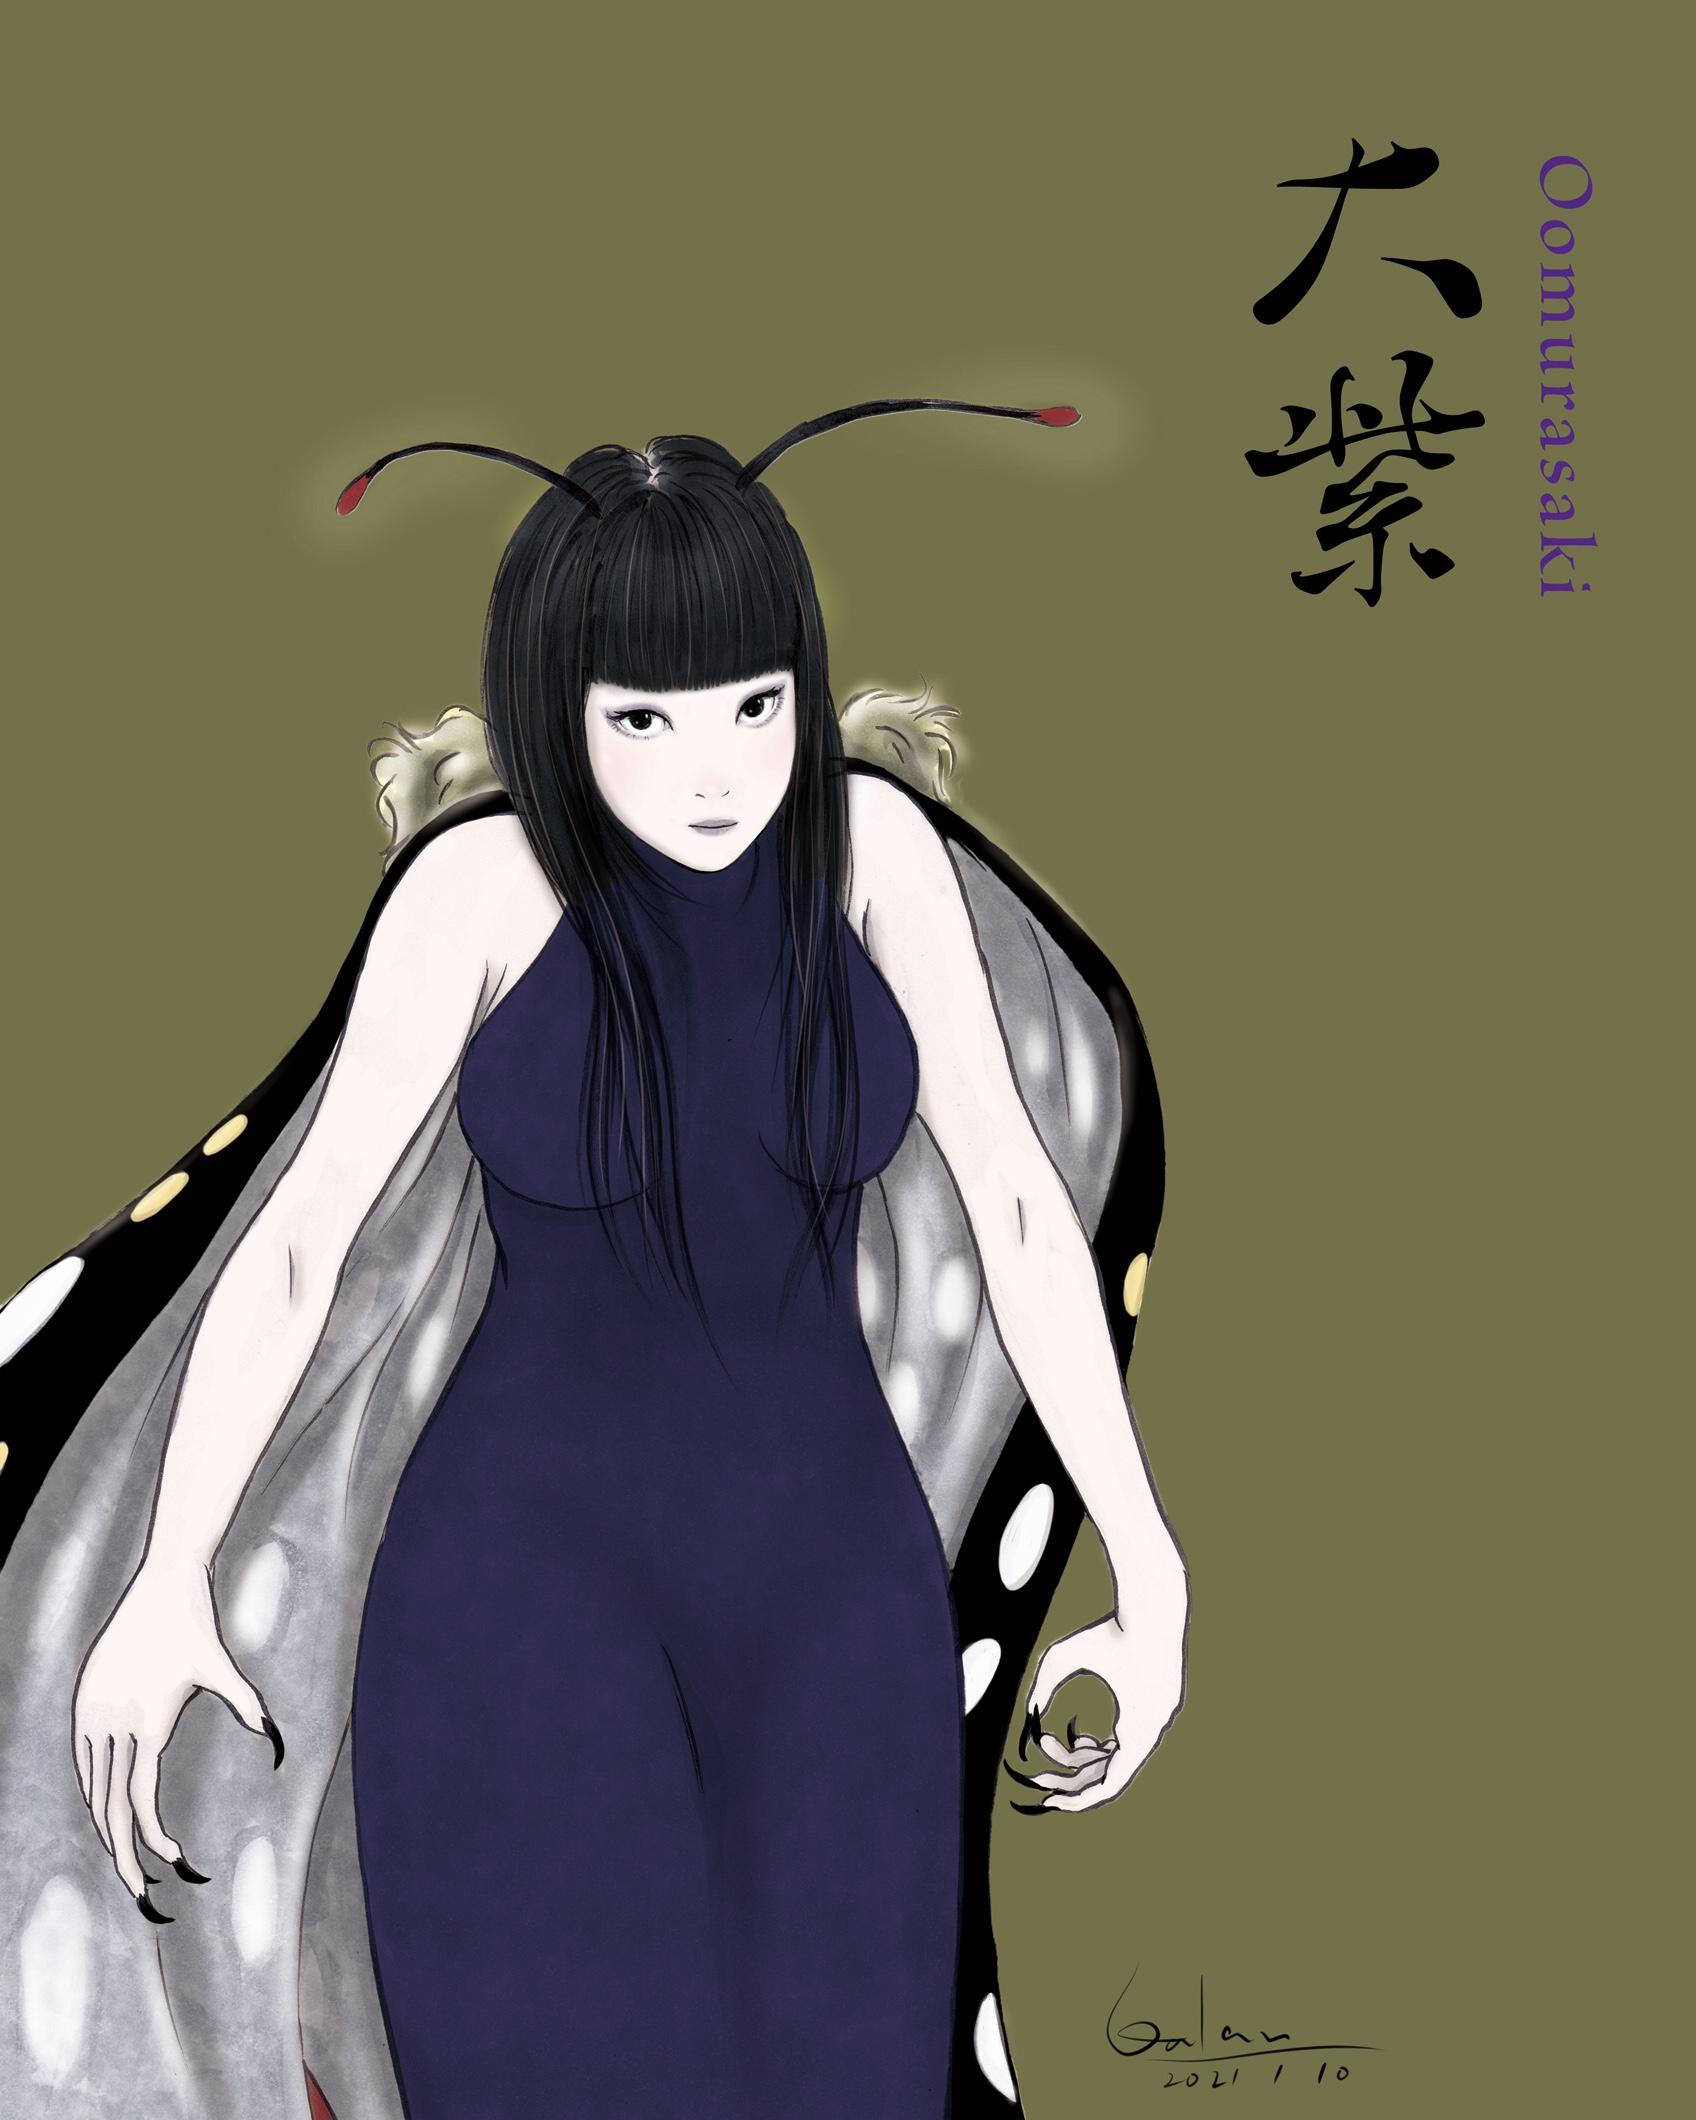 オオムラサキさま(color) OMURASAKI